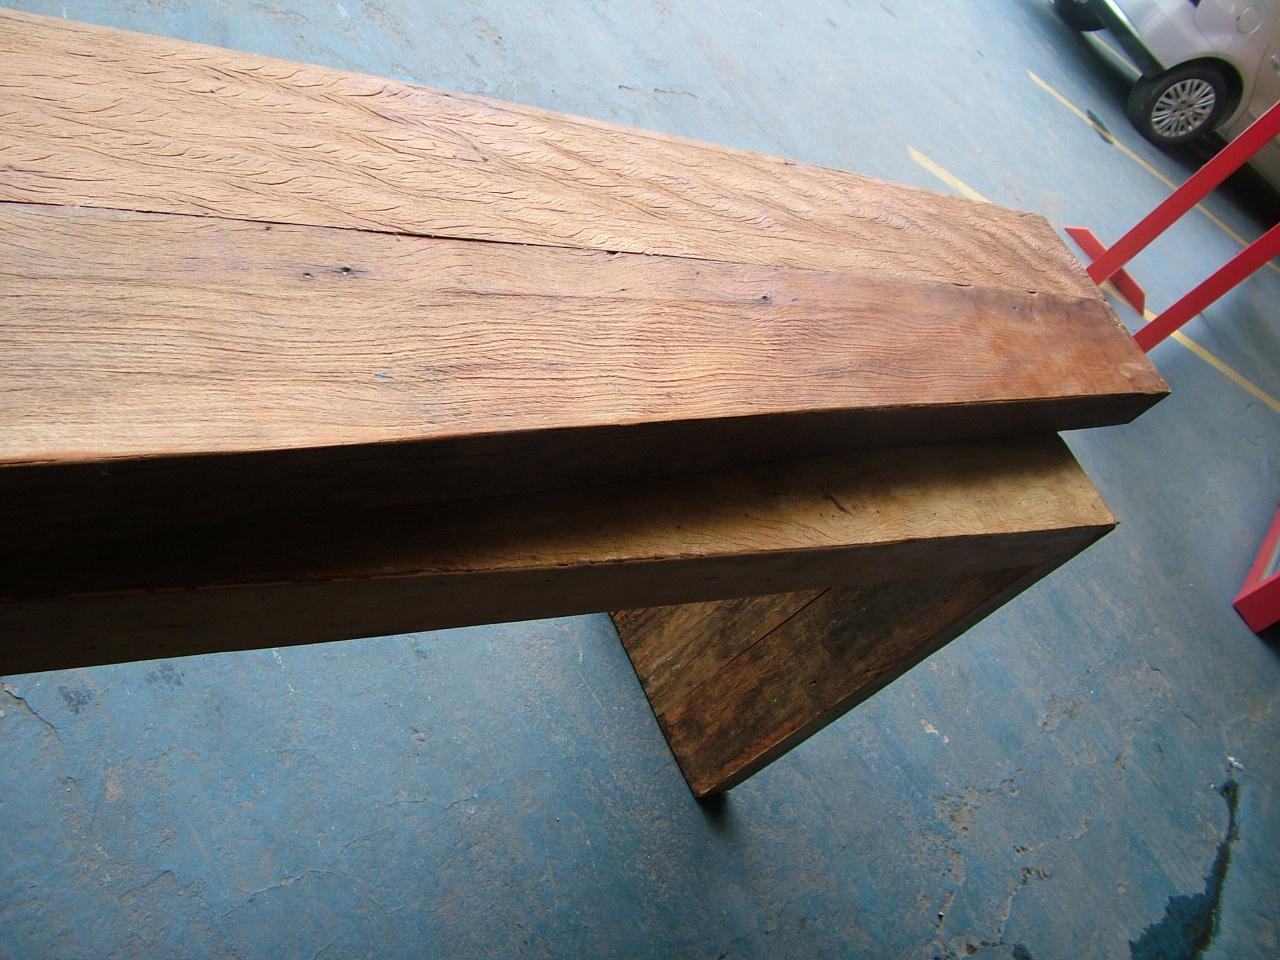 #763628 Tampo para balcão – madeira de demolicao – www.madeiradedemolicao  1280x960 px Balcao Para Cozinha Americana Madeira_2187 Imagens